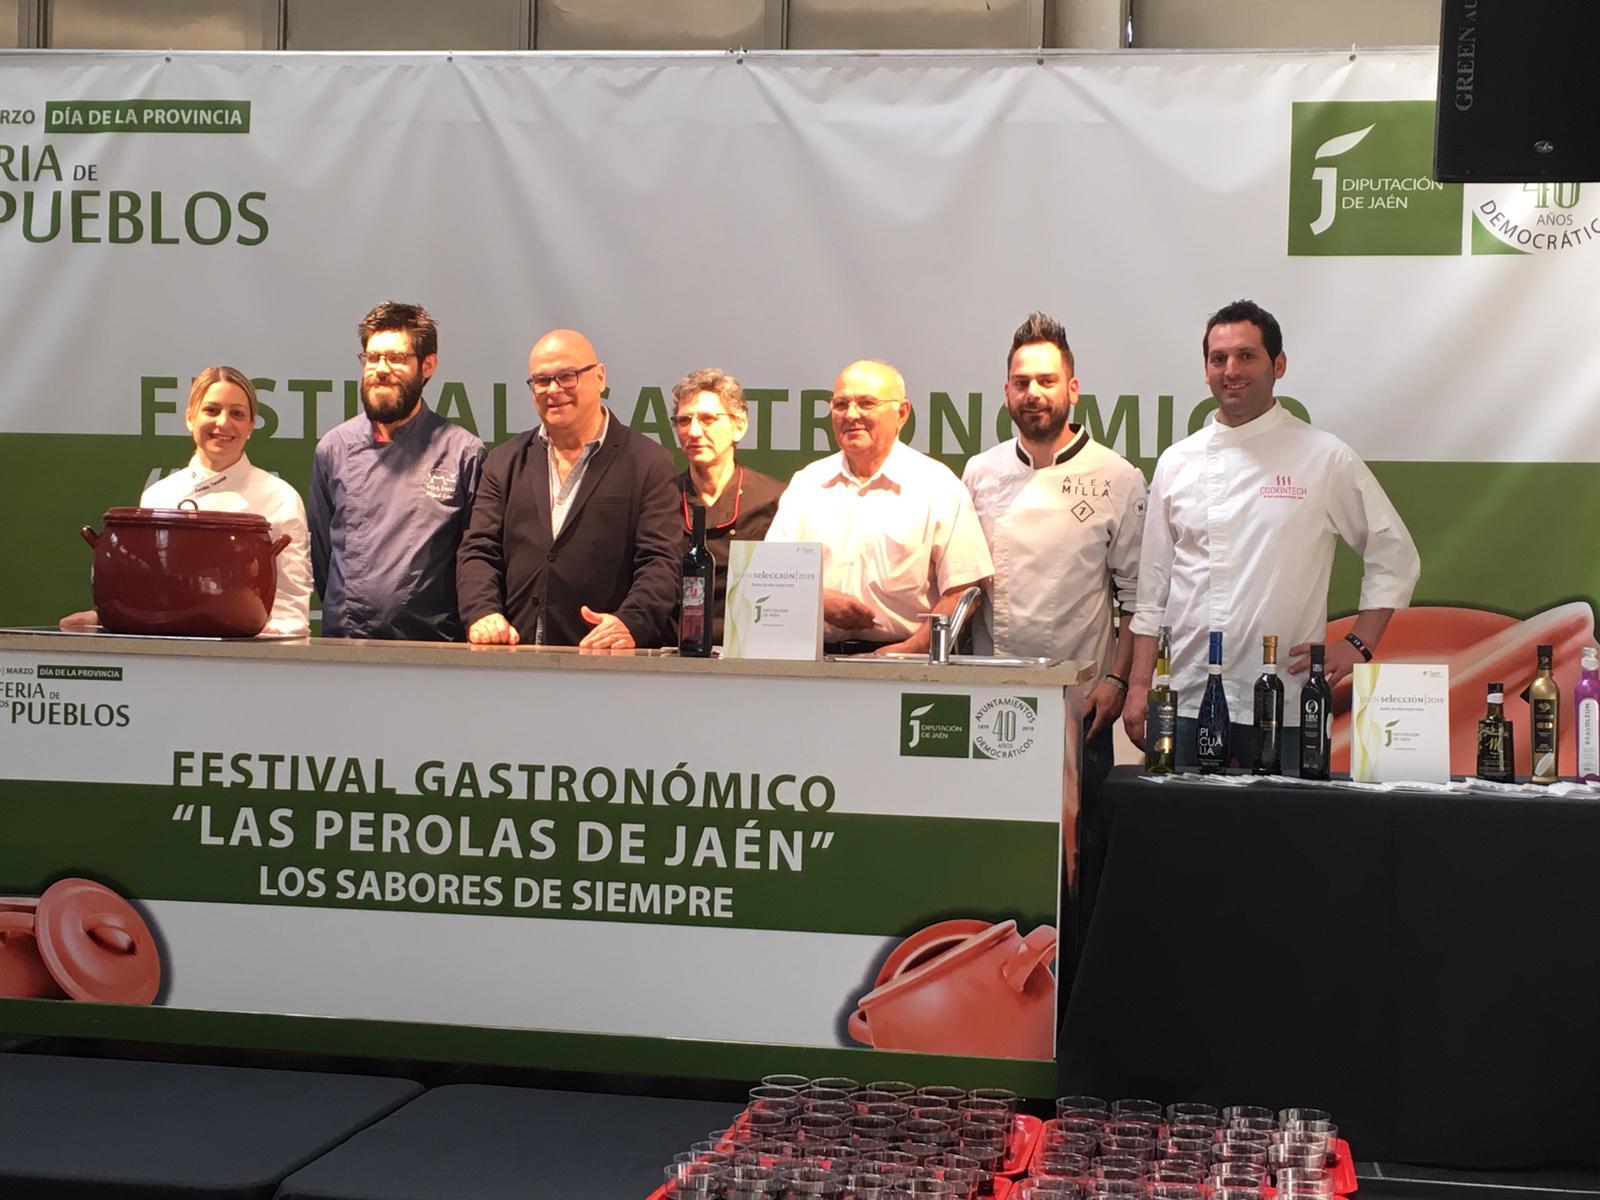 """Ocho cocineros participan en el II Festival Gastronómico """"Las perolas de Jaén"""" que se celebra en el"""